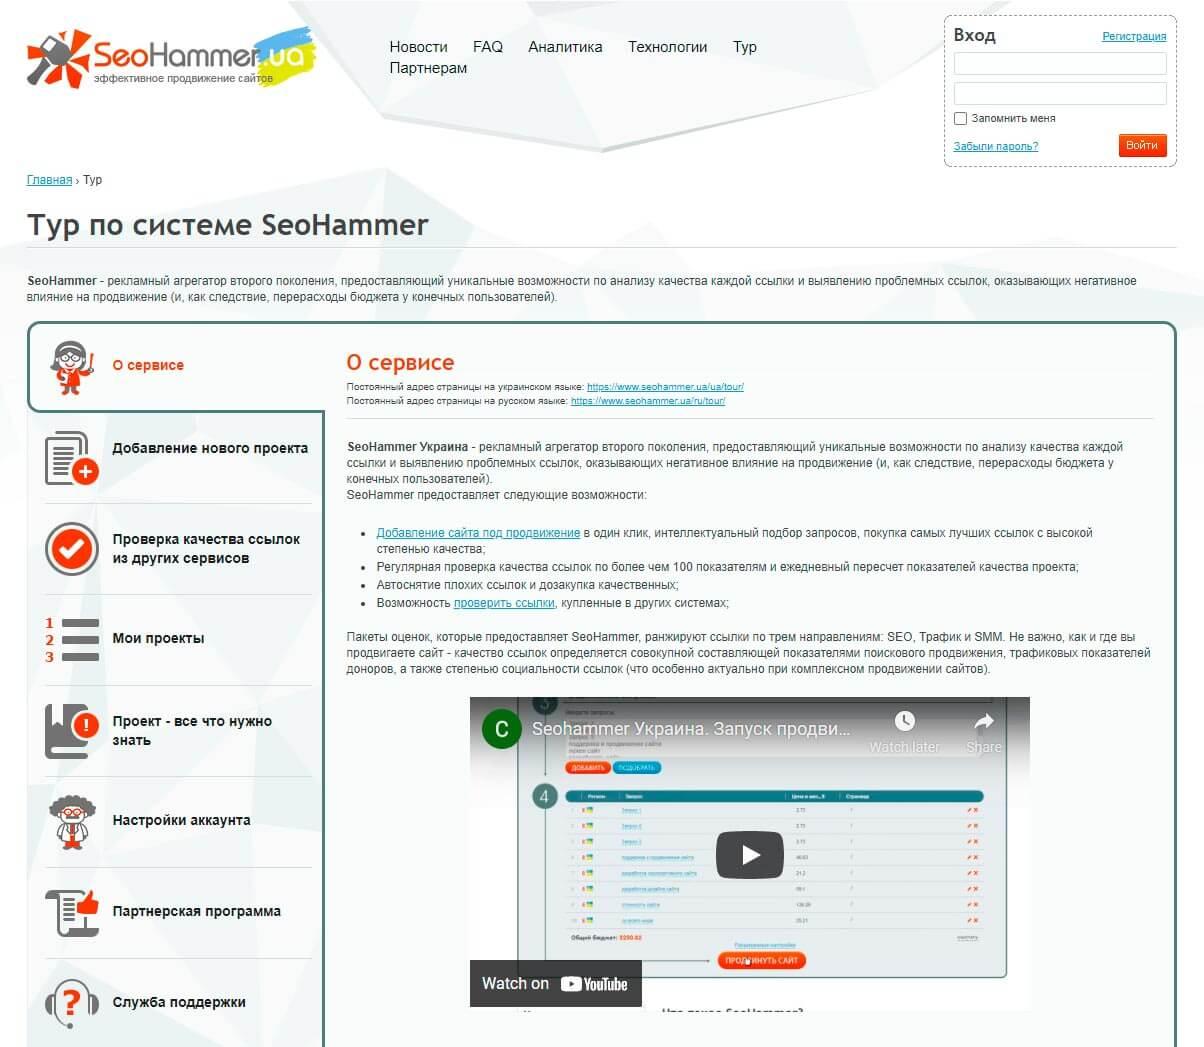 SeoHammer - обзор компании, услуги, отзывы, клиенты | Google SEO, Фото № 2 - google-seo.pro